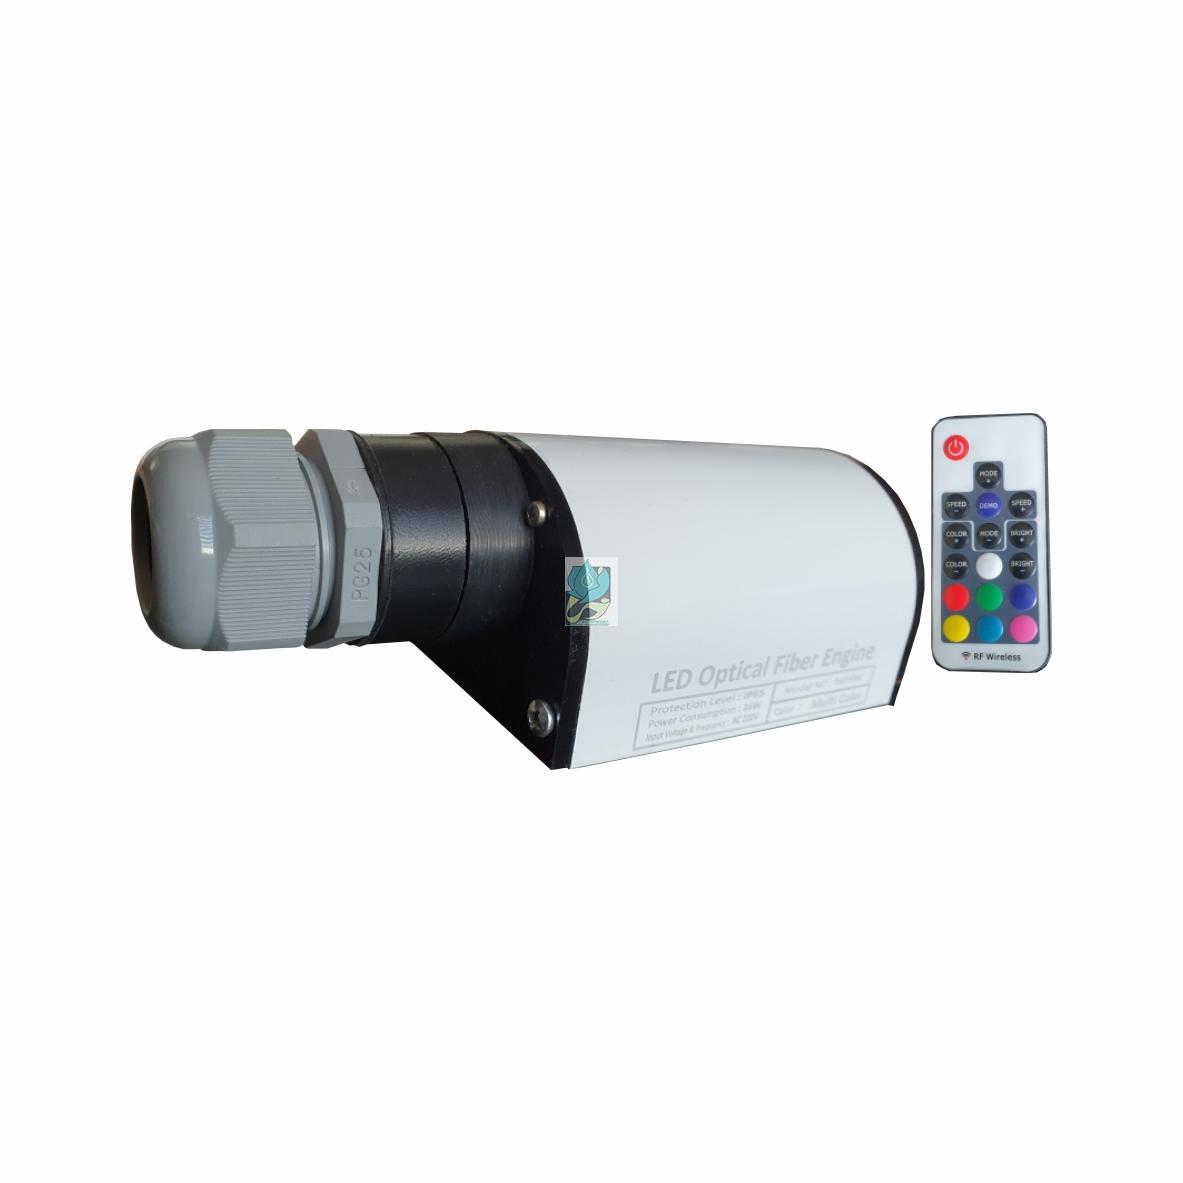 چراغ انجین فیبر نوری موبایلی فول کالر 25 وات 12 ولت مخصوص ماشین مدل 25FNMWF - چراغ انجین موبایلی مخصوص ماشین - چراغ انجین موبایلی فول کالر مخصوص ماشین - چراغ انجین فیبرنوری موبایلی - چراغ انجین فیبر نوری فول کالر موبایلی مخصوص ماشین